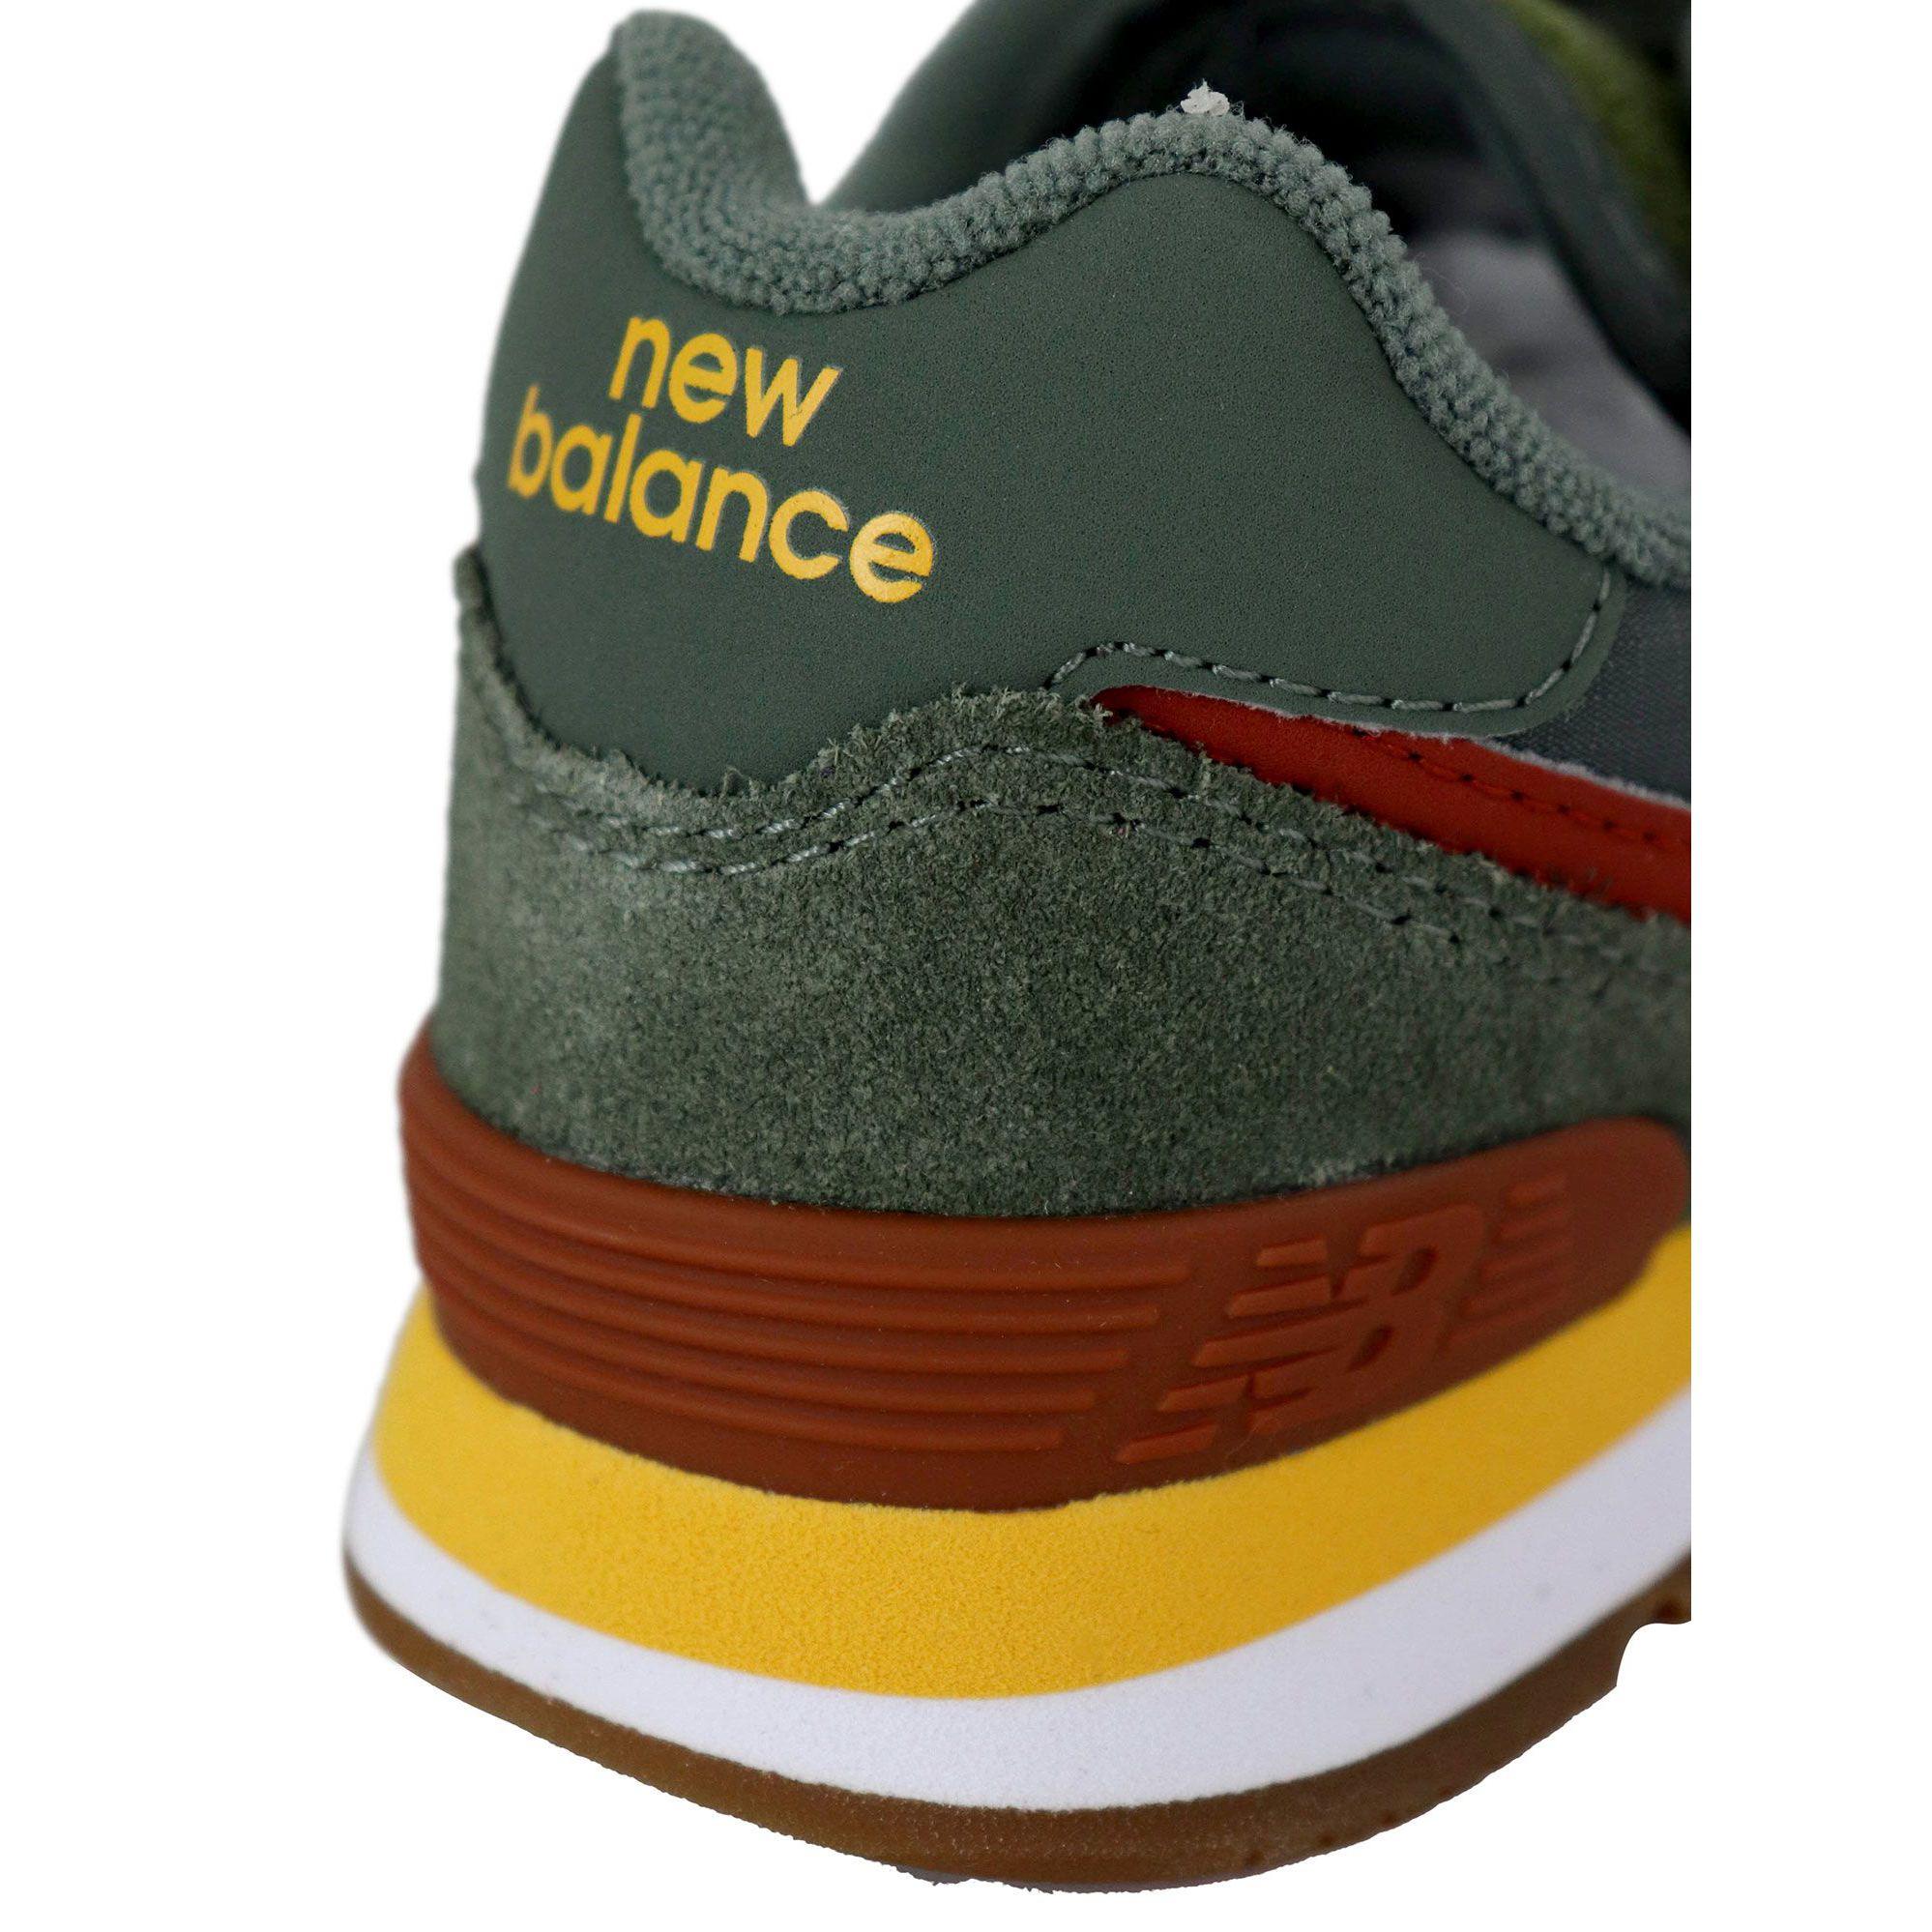 new balance gialle bambino